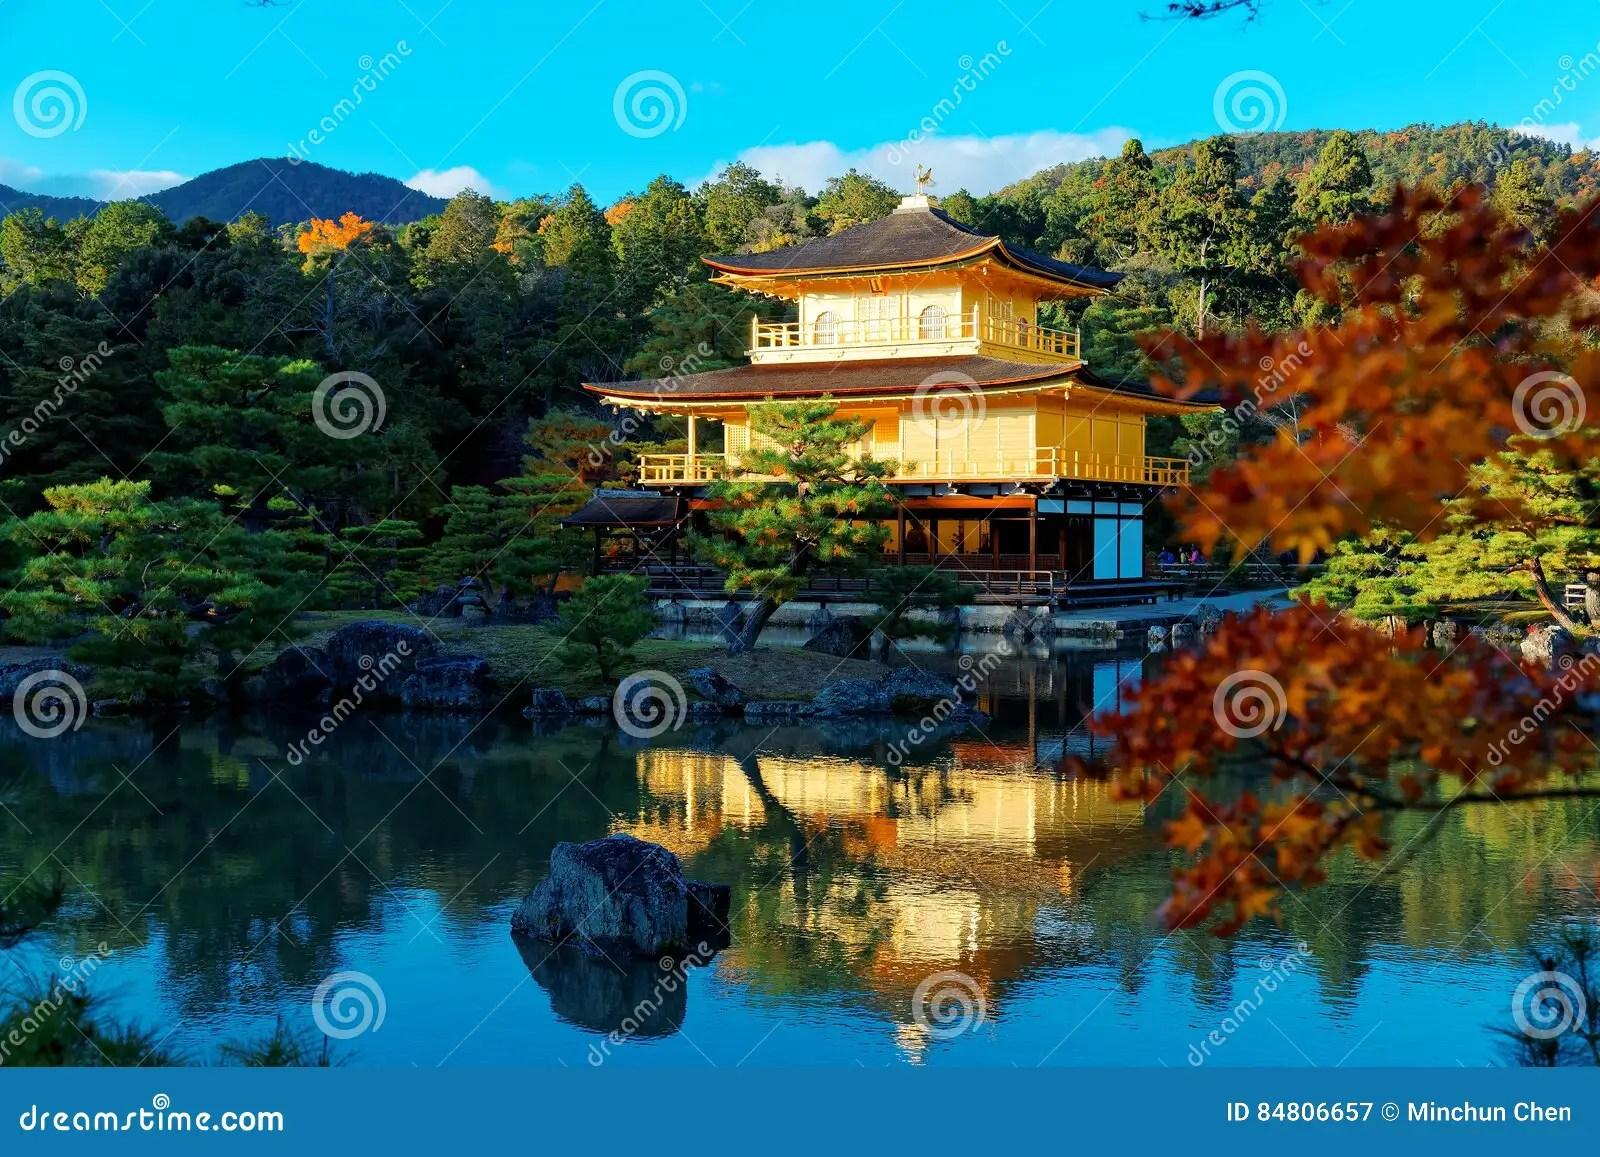 paysage de kinkaku ji un temple celebre de zen buddhist a kyoto japon image stock image du couleur culture 84806657